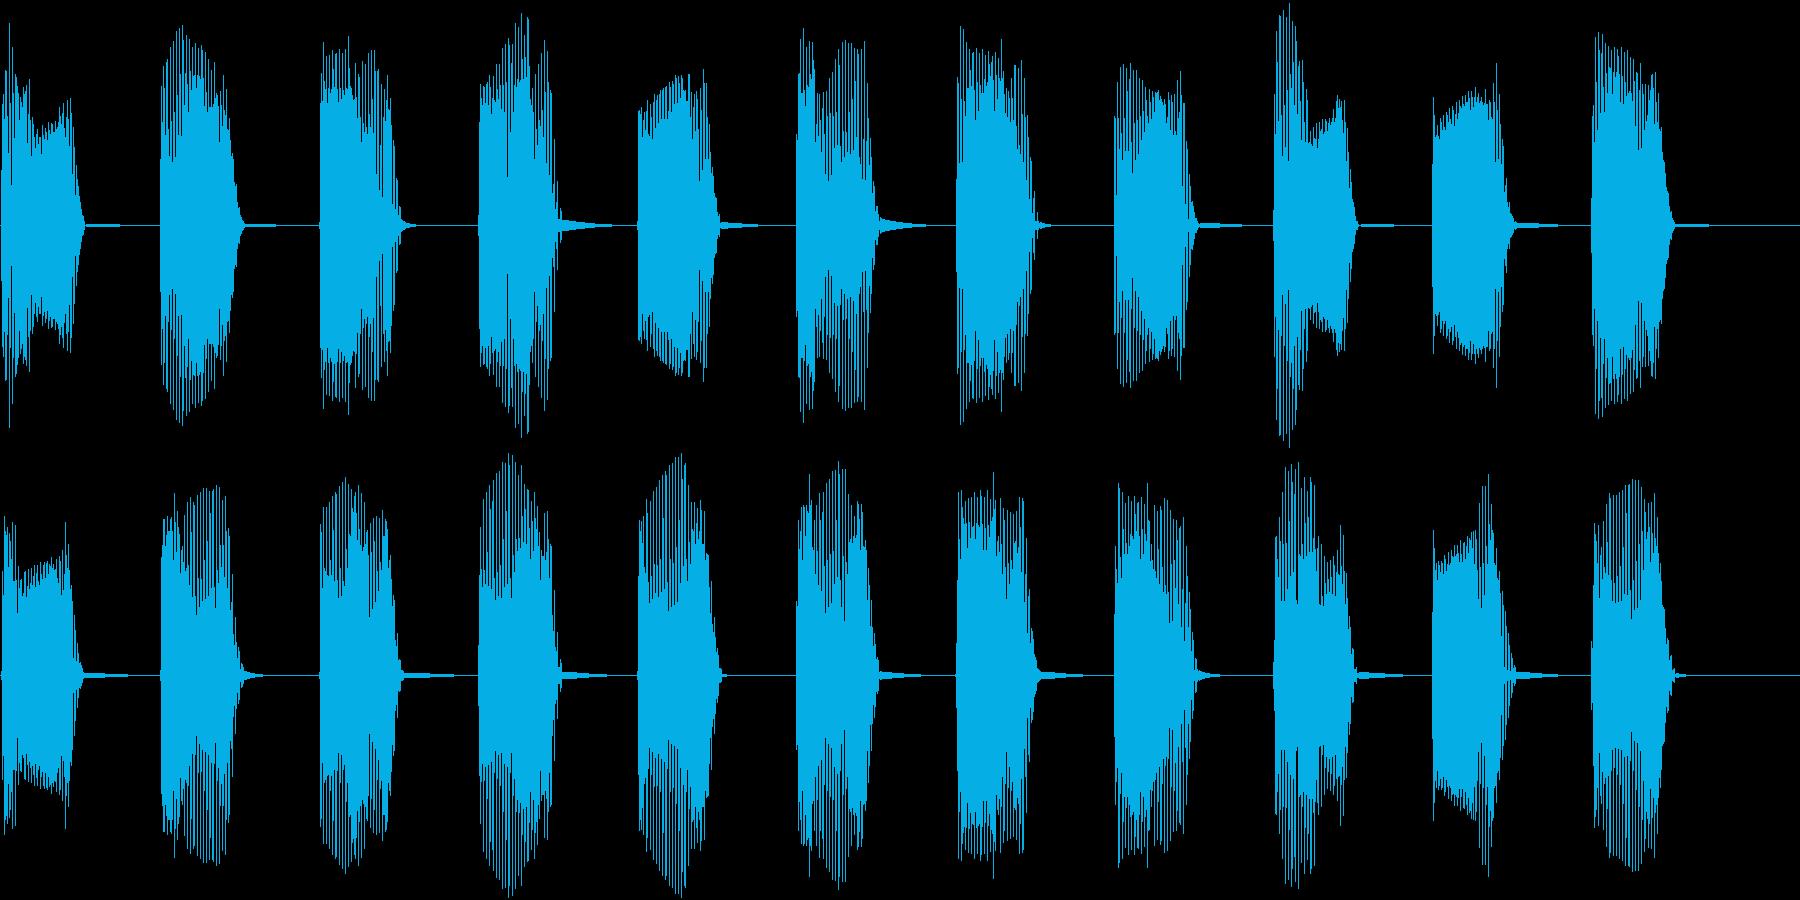 レトロなインベーダーゲームの音01の再生済みの波形